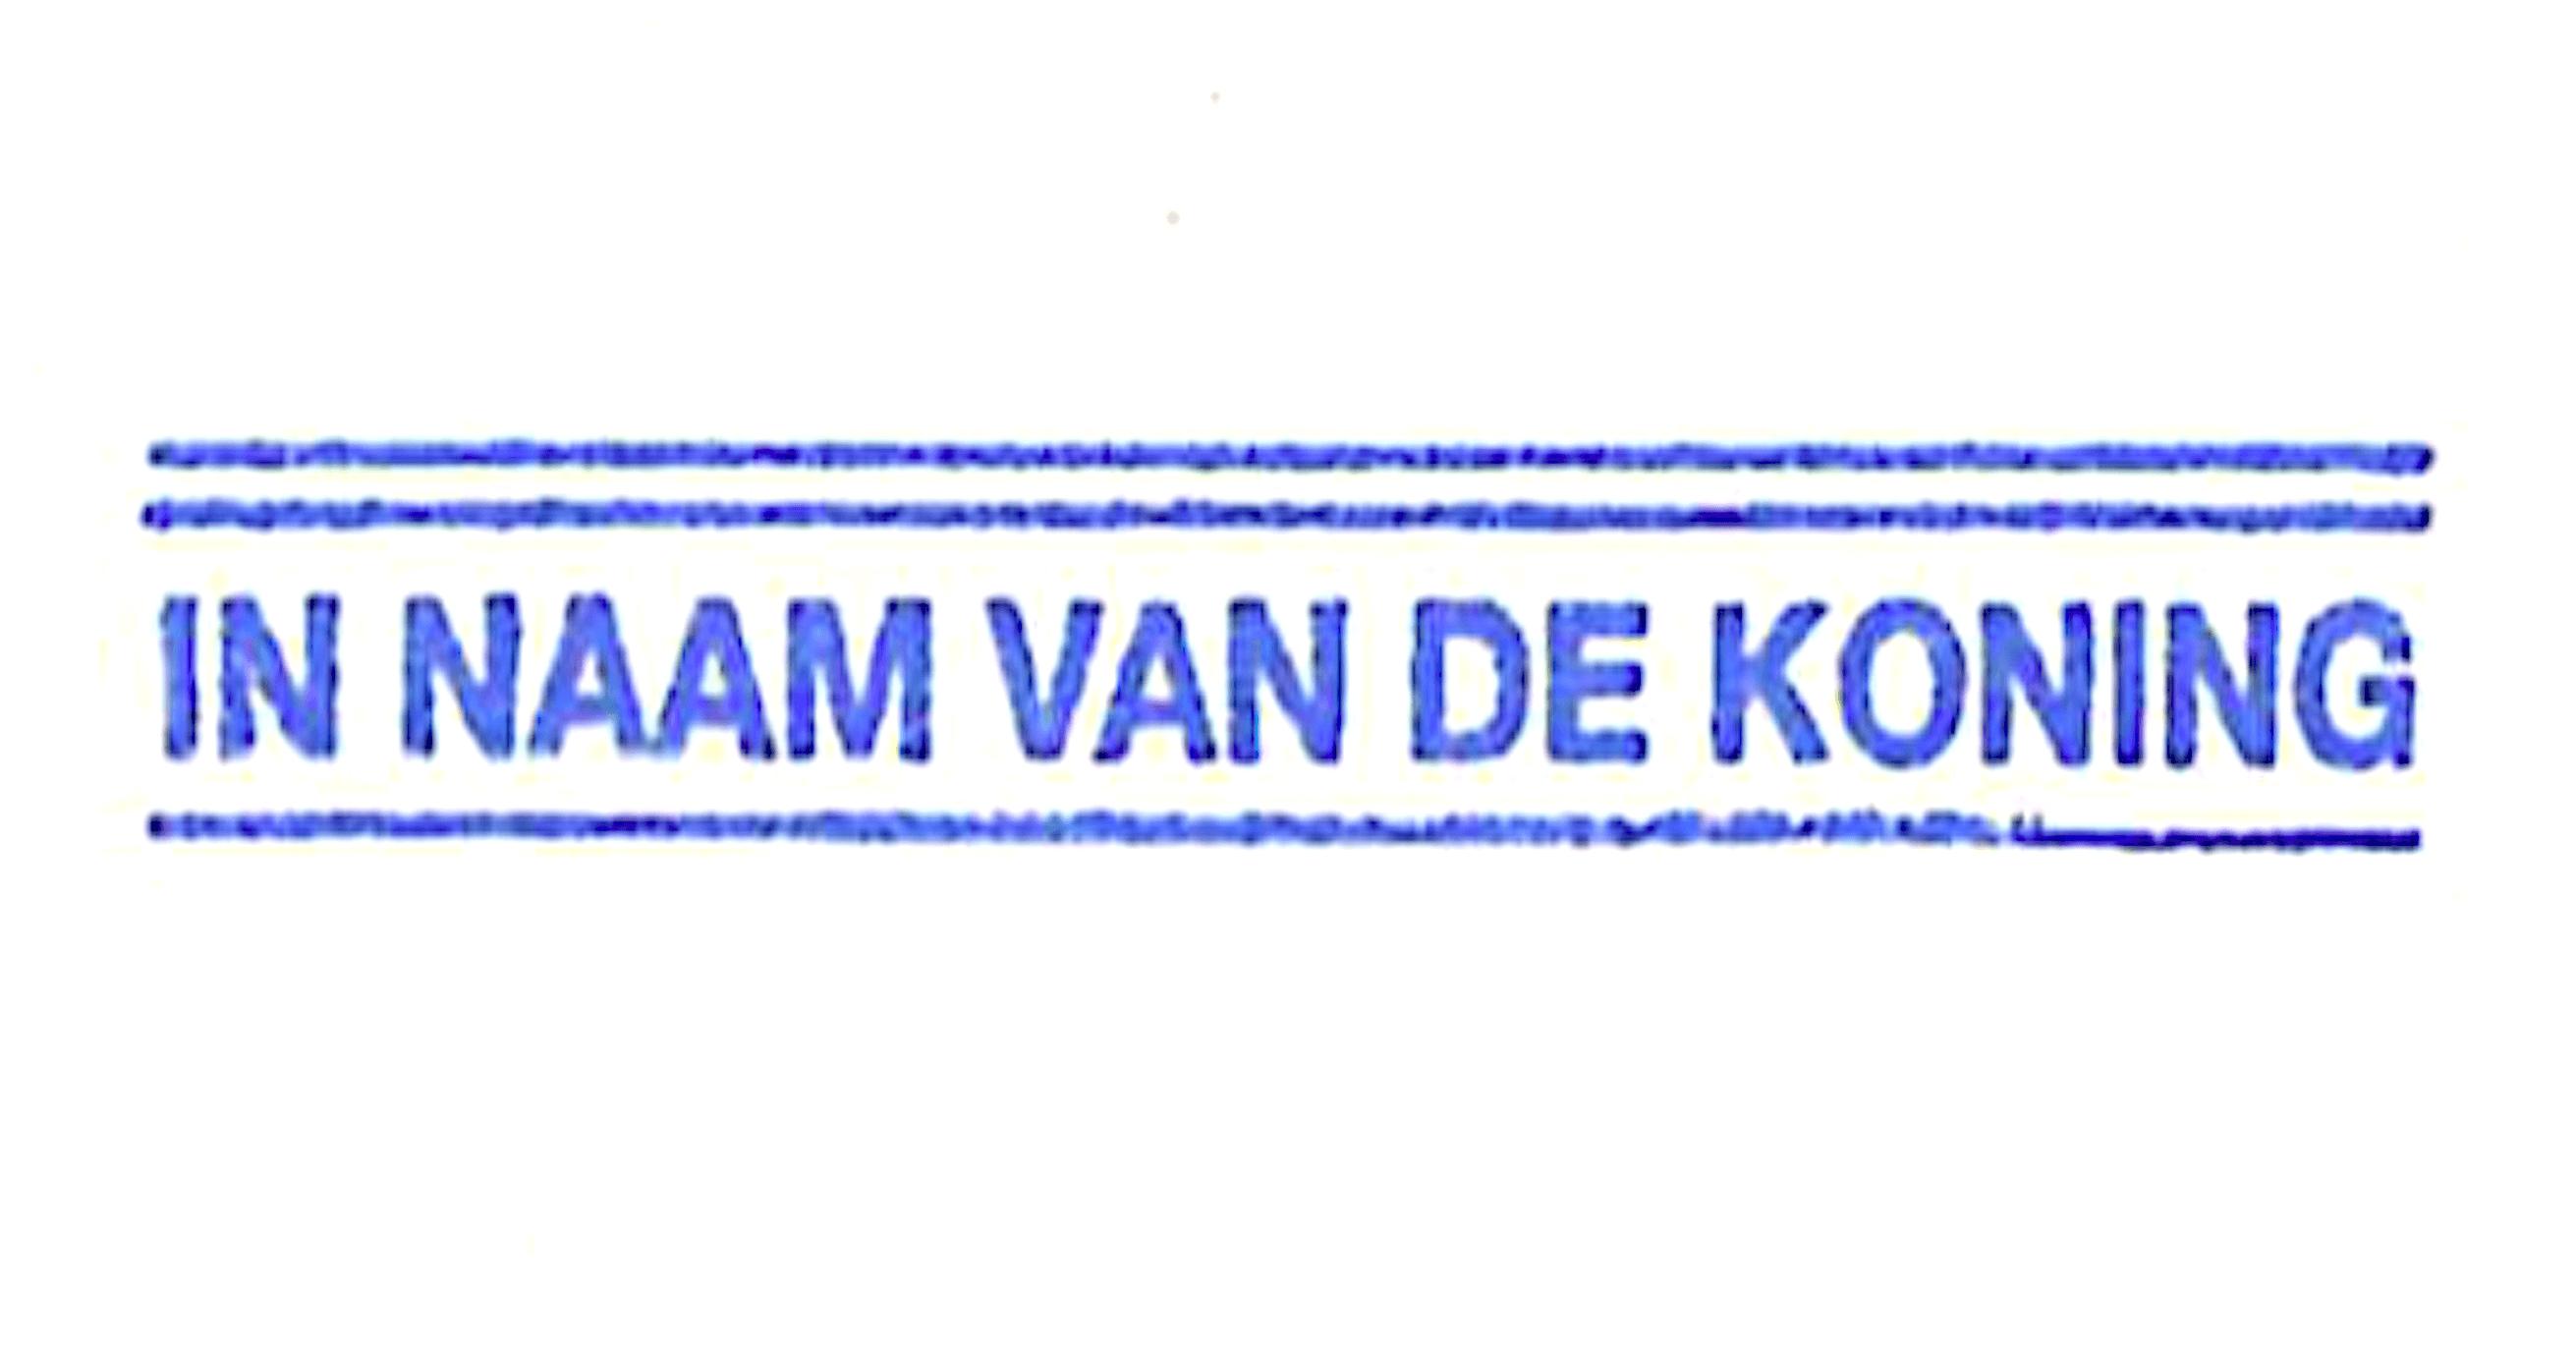 IN NAAM VAN DE KONING (foto Rechtbank Alkmaar)